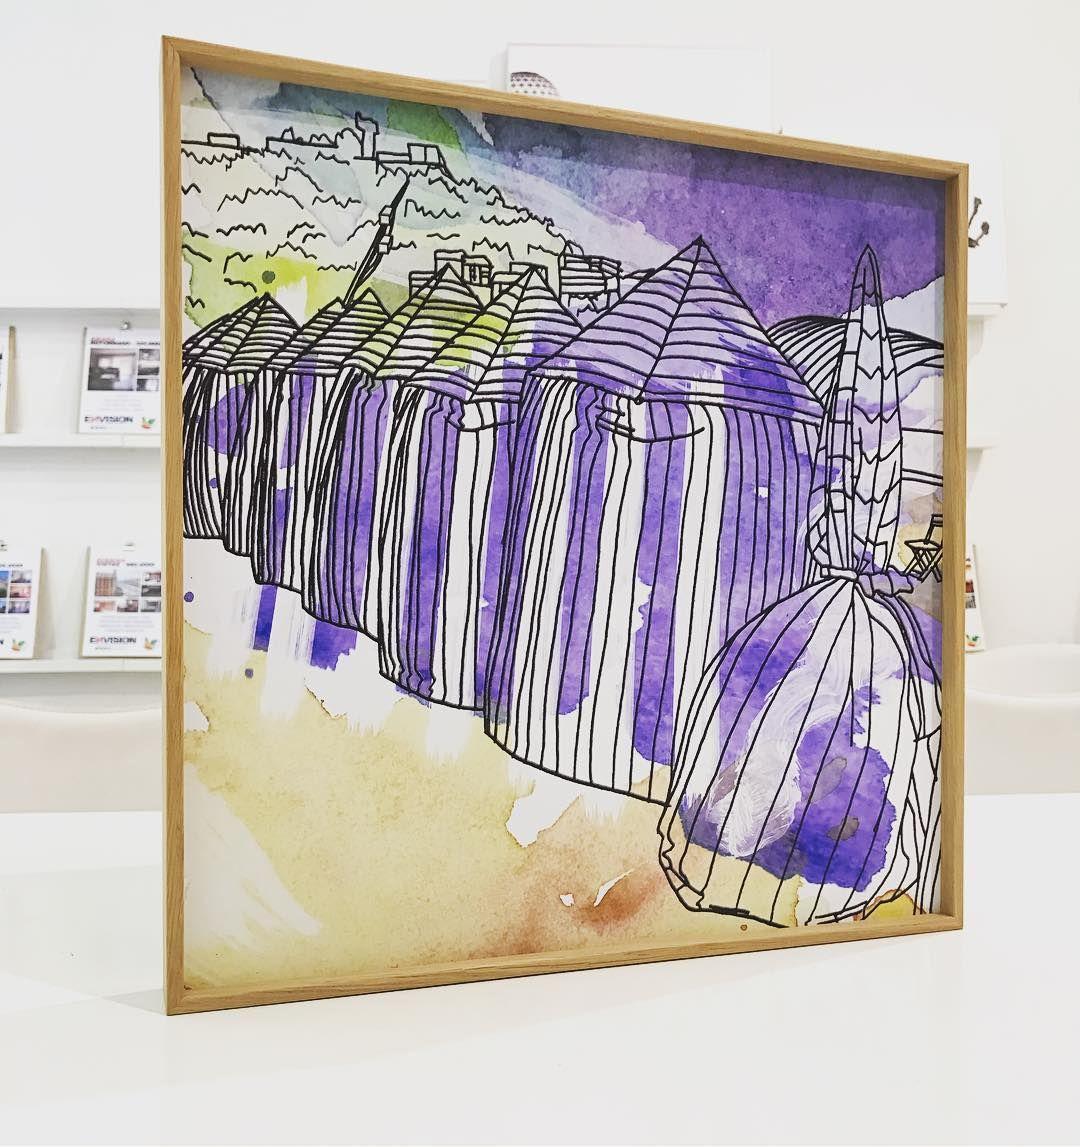 No quería hacerlo pero voy a ir vendiendo mis cuadros de #donostia #sansebastian porque me ocupan demasiado espacio... este es una maravilla. Impreso en plancha de aluminio con marco de aluminio imitación madera. 35x35cms. El primero que lo pida se lo queda. 30